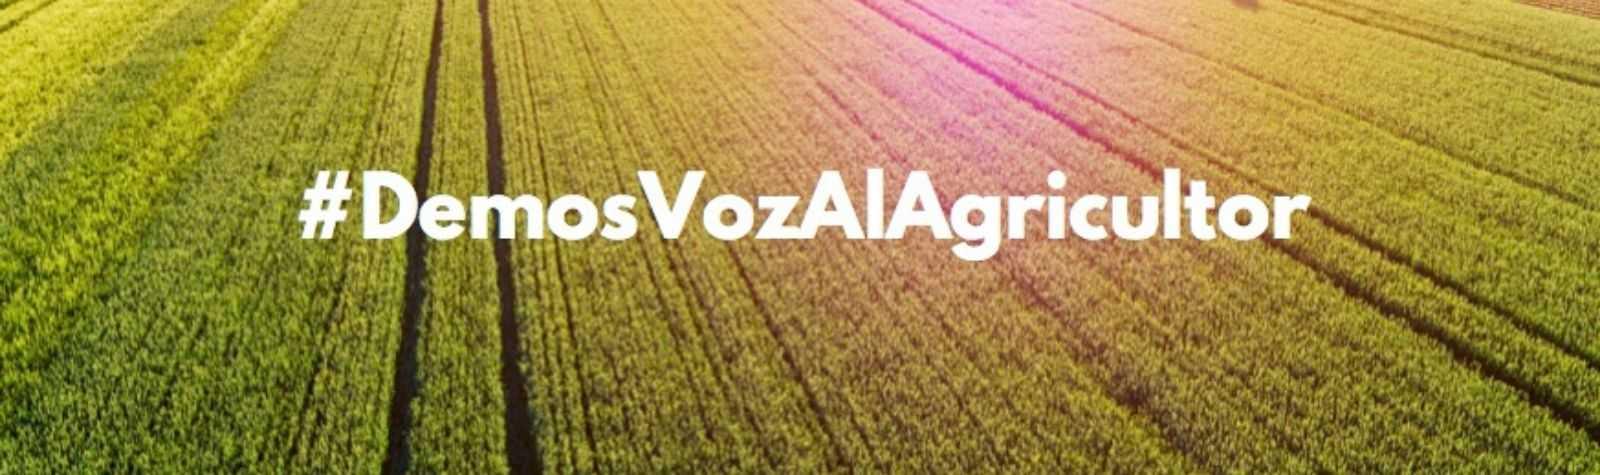 Proexport se implica en la campaña #DemosVozAlAgricultor